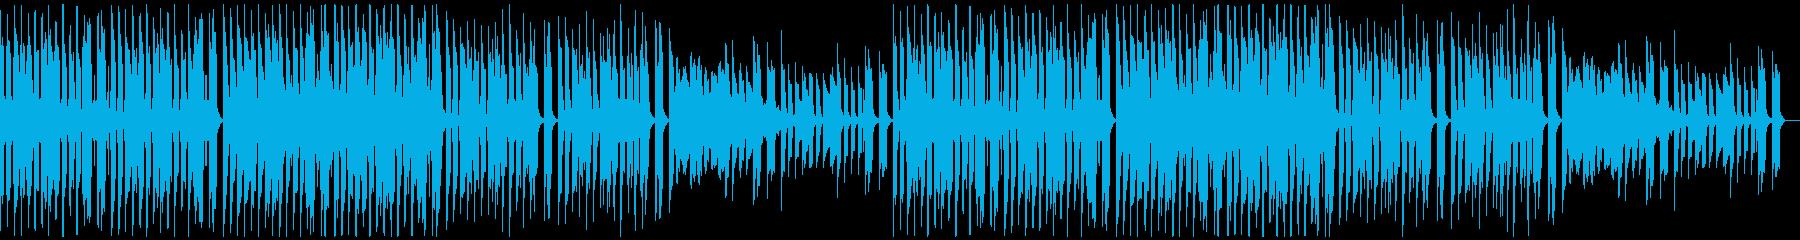 クール・おしゃれなBGM・4の再生済みの波形